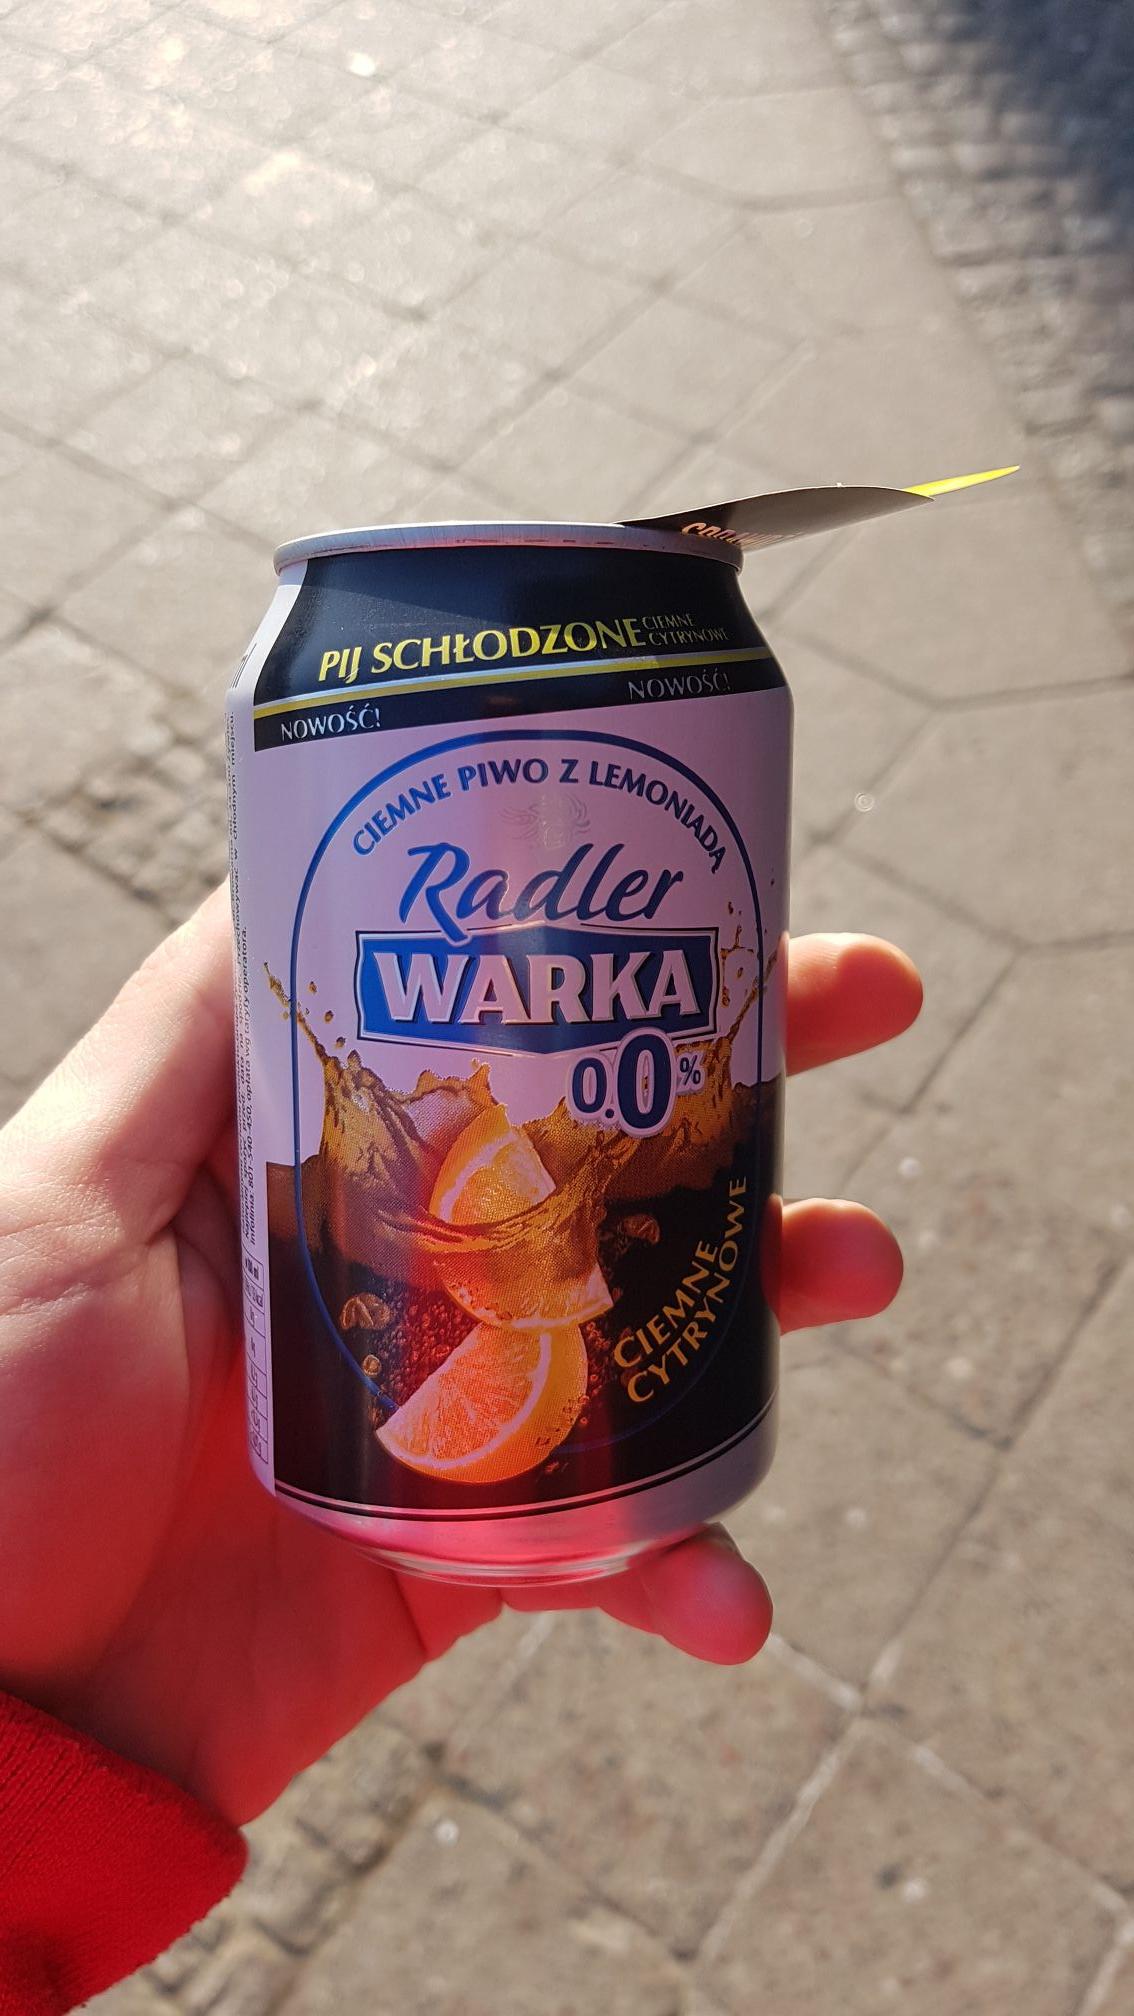 Darmowa Warka radler Gdańsk budynek LOT